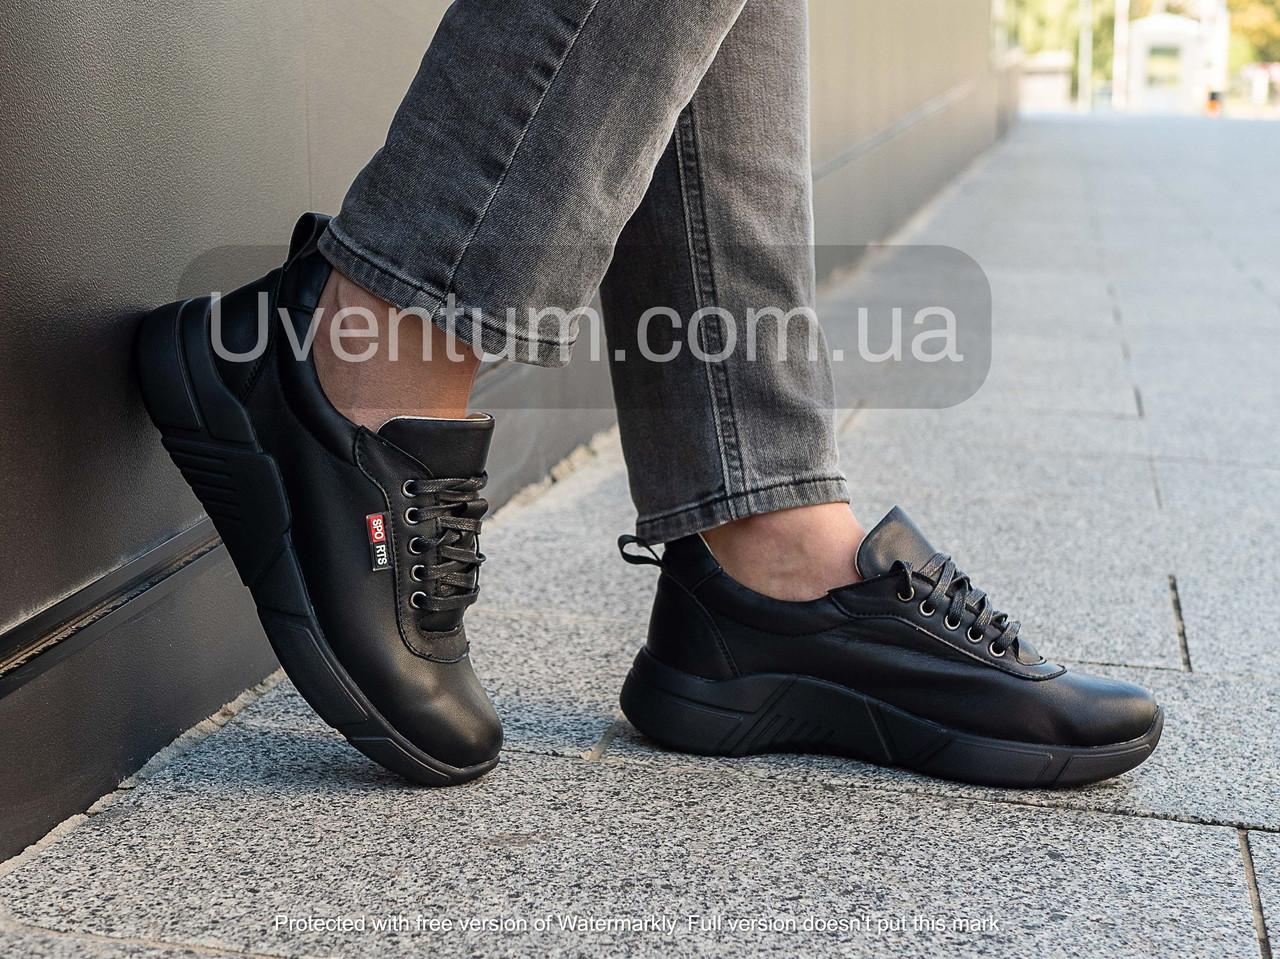 Кросівки шкіряні жіночі чорні 36-40 чорний